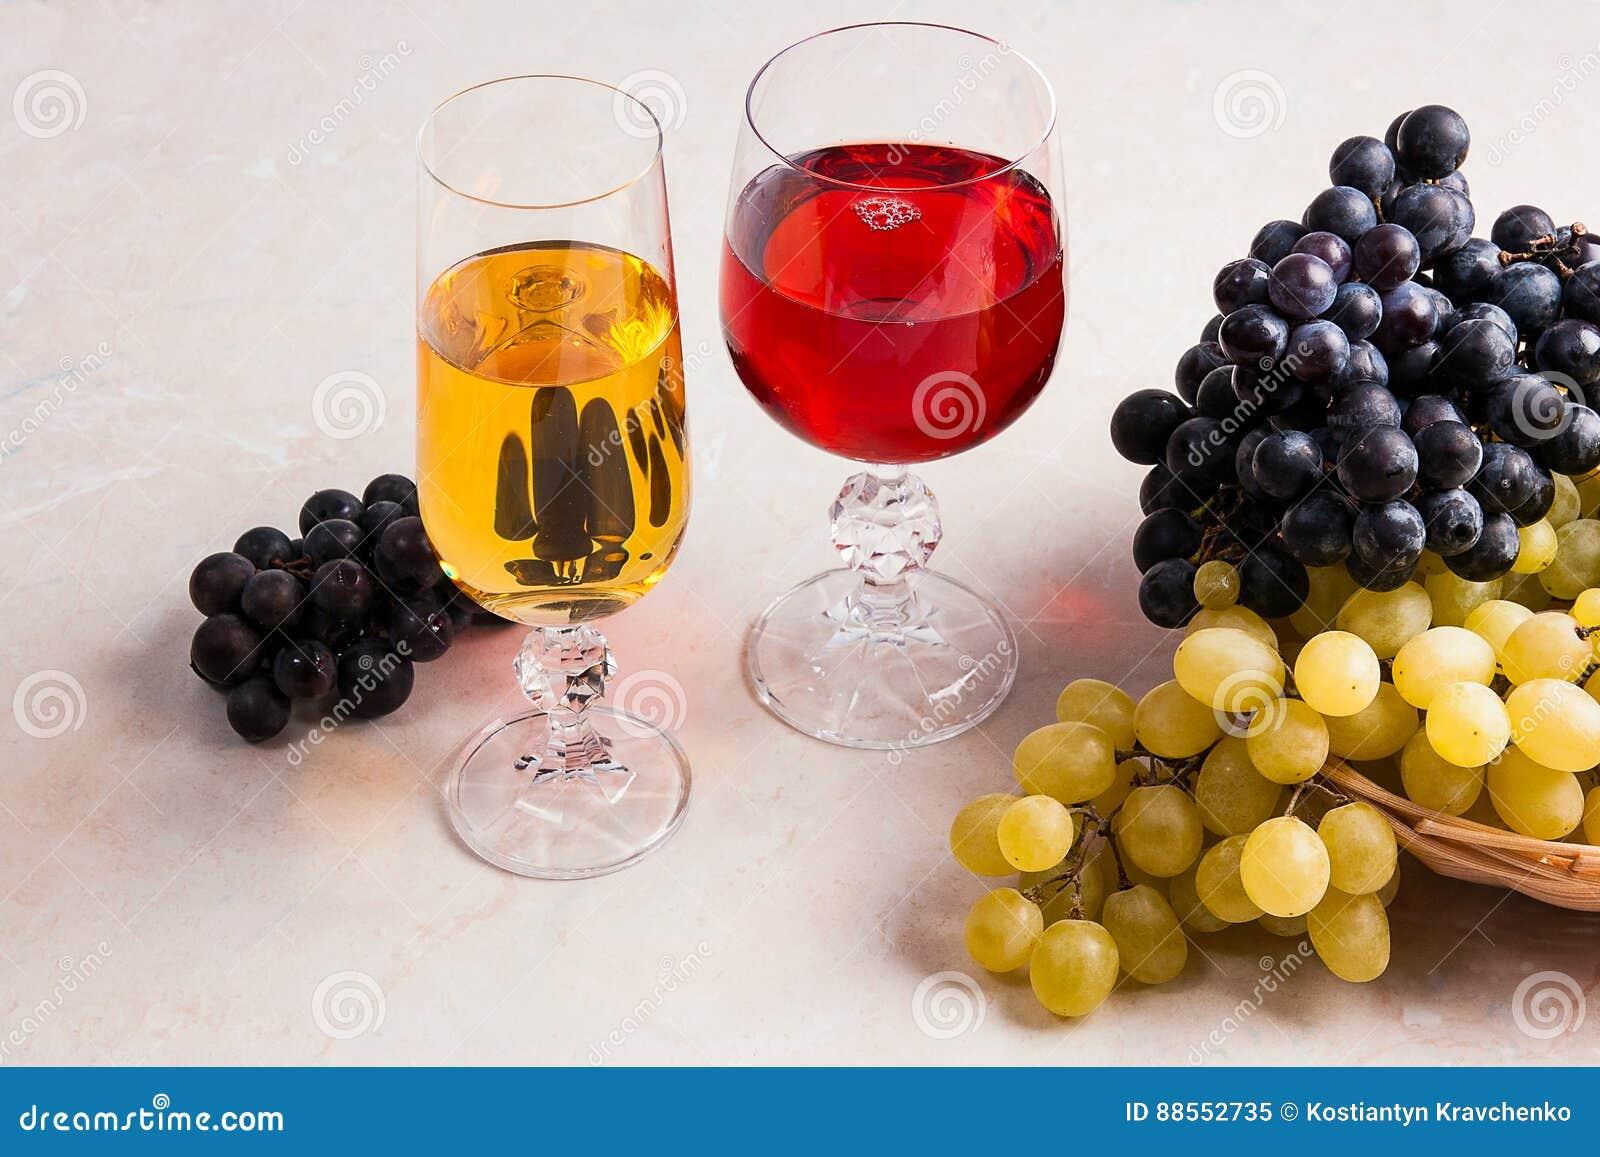 Lichte Rode Wijn : Wijn en druiven witte en rode wijn in glazen op lichte marmeren b